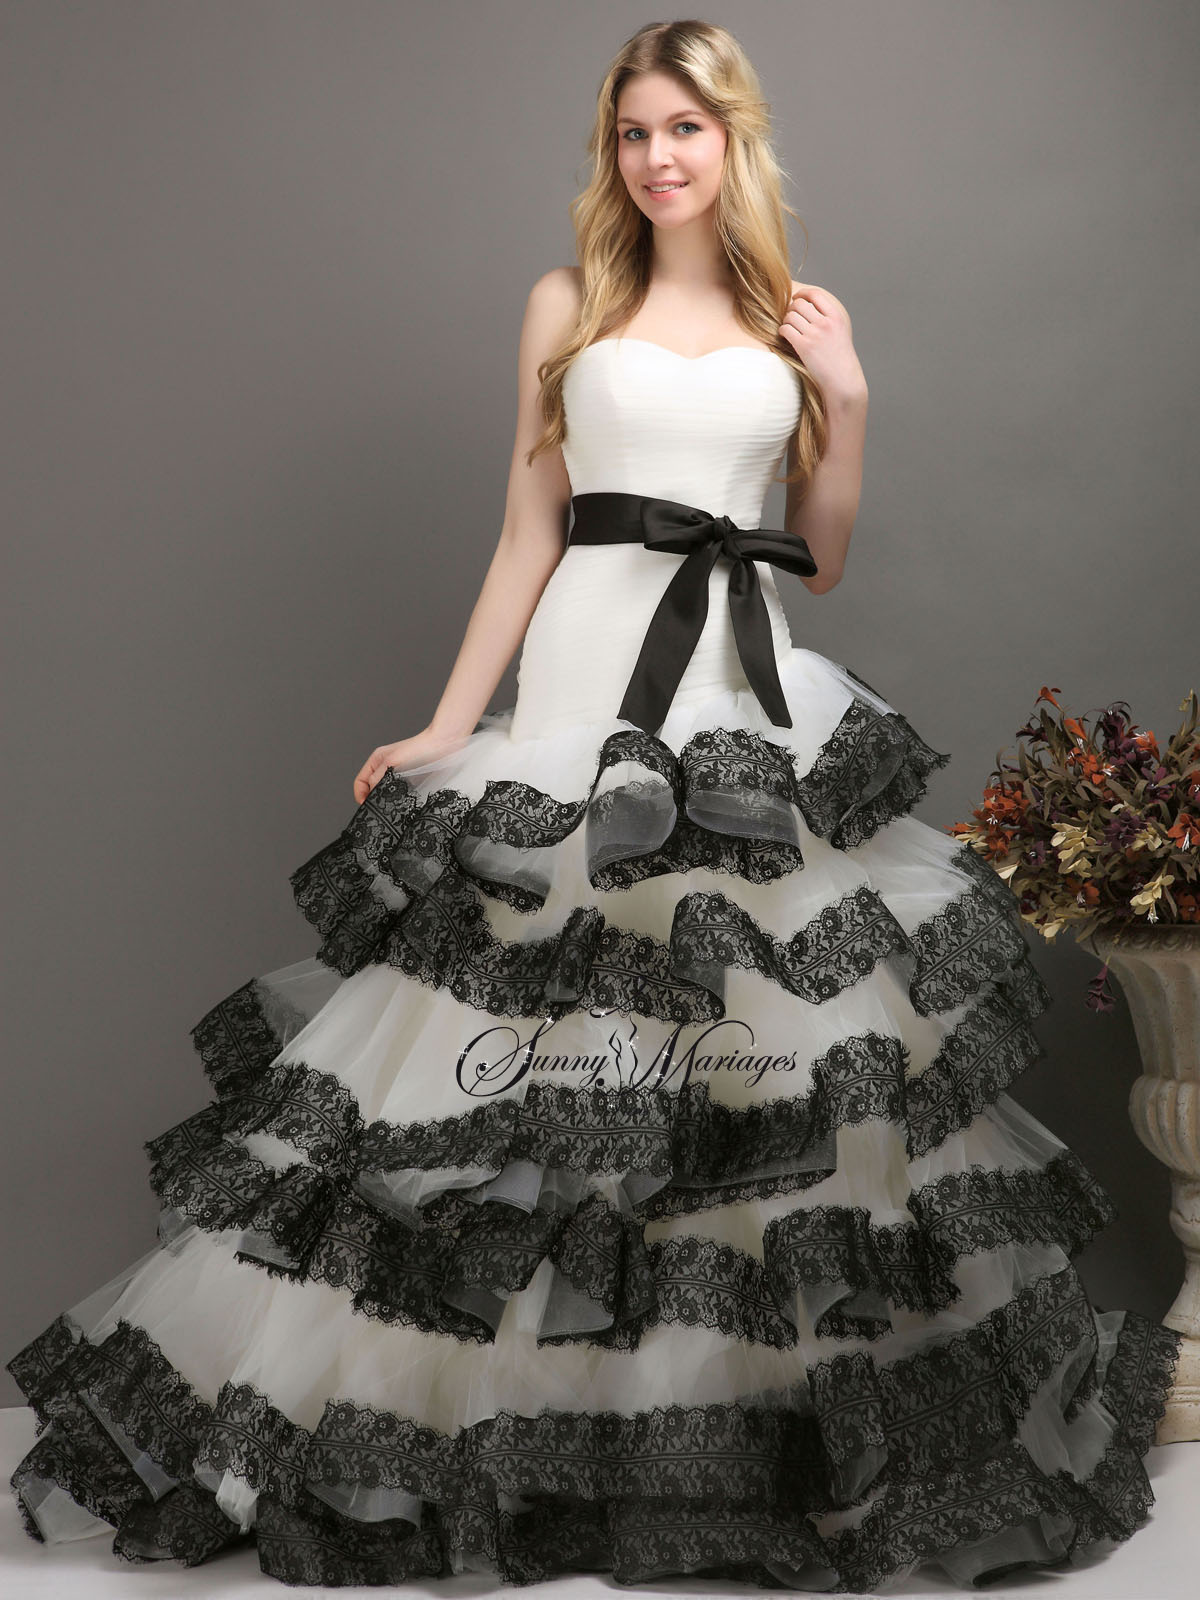 d7e169c1f06c robe de mariée dentelle noire - www.lamaisondumariageangers.fr